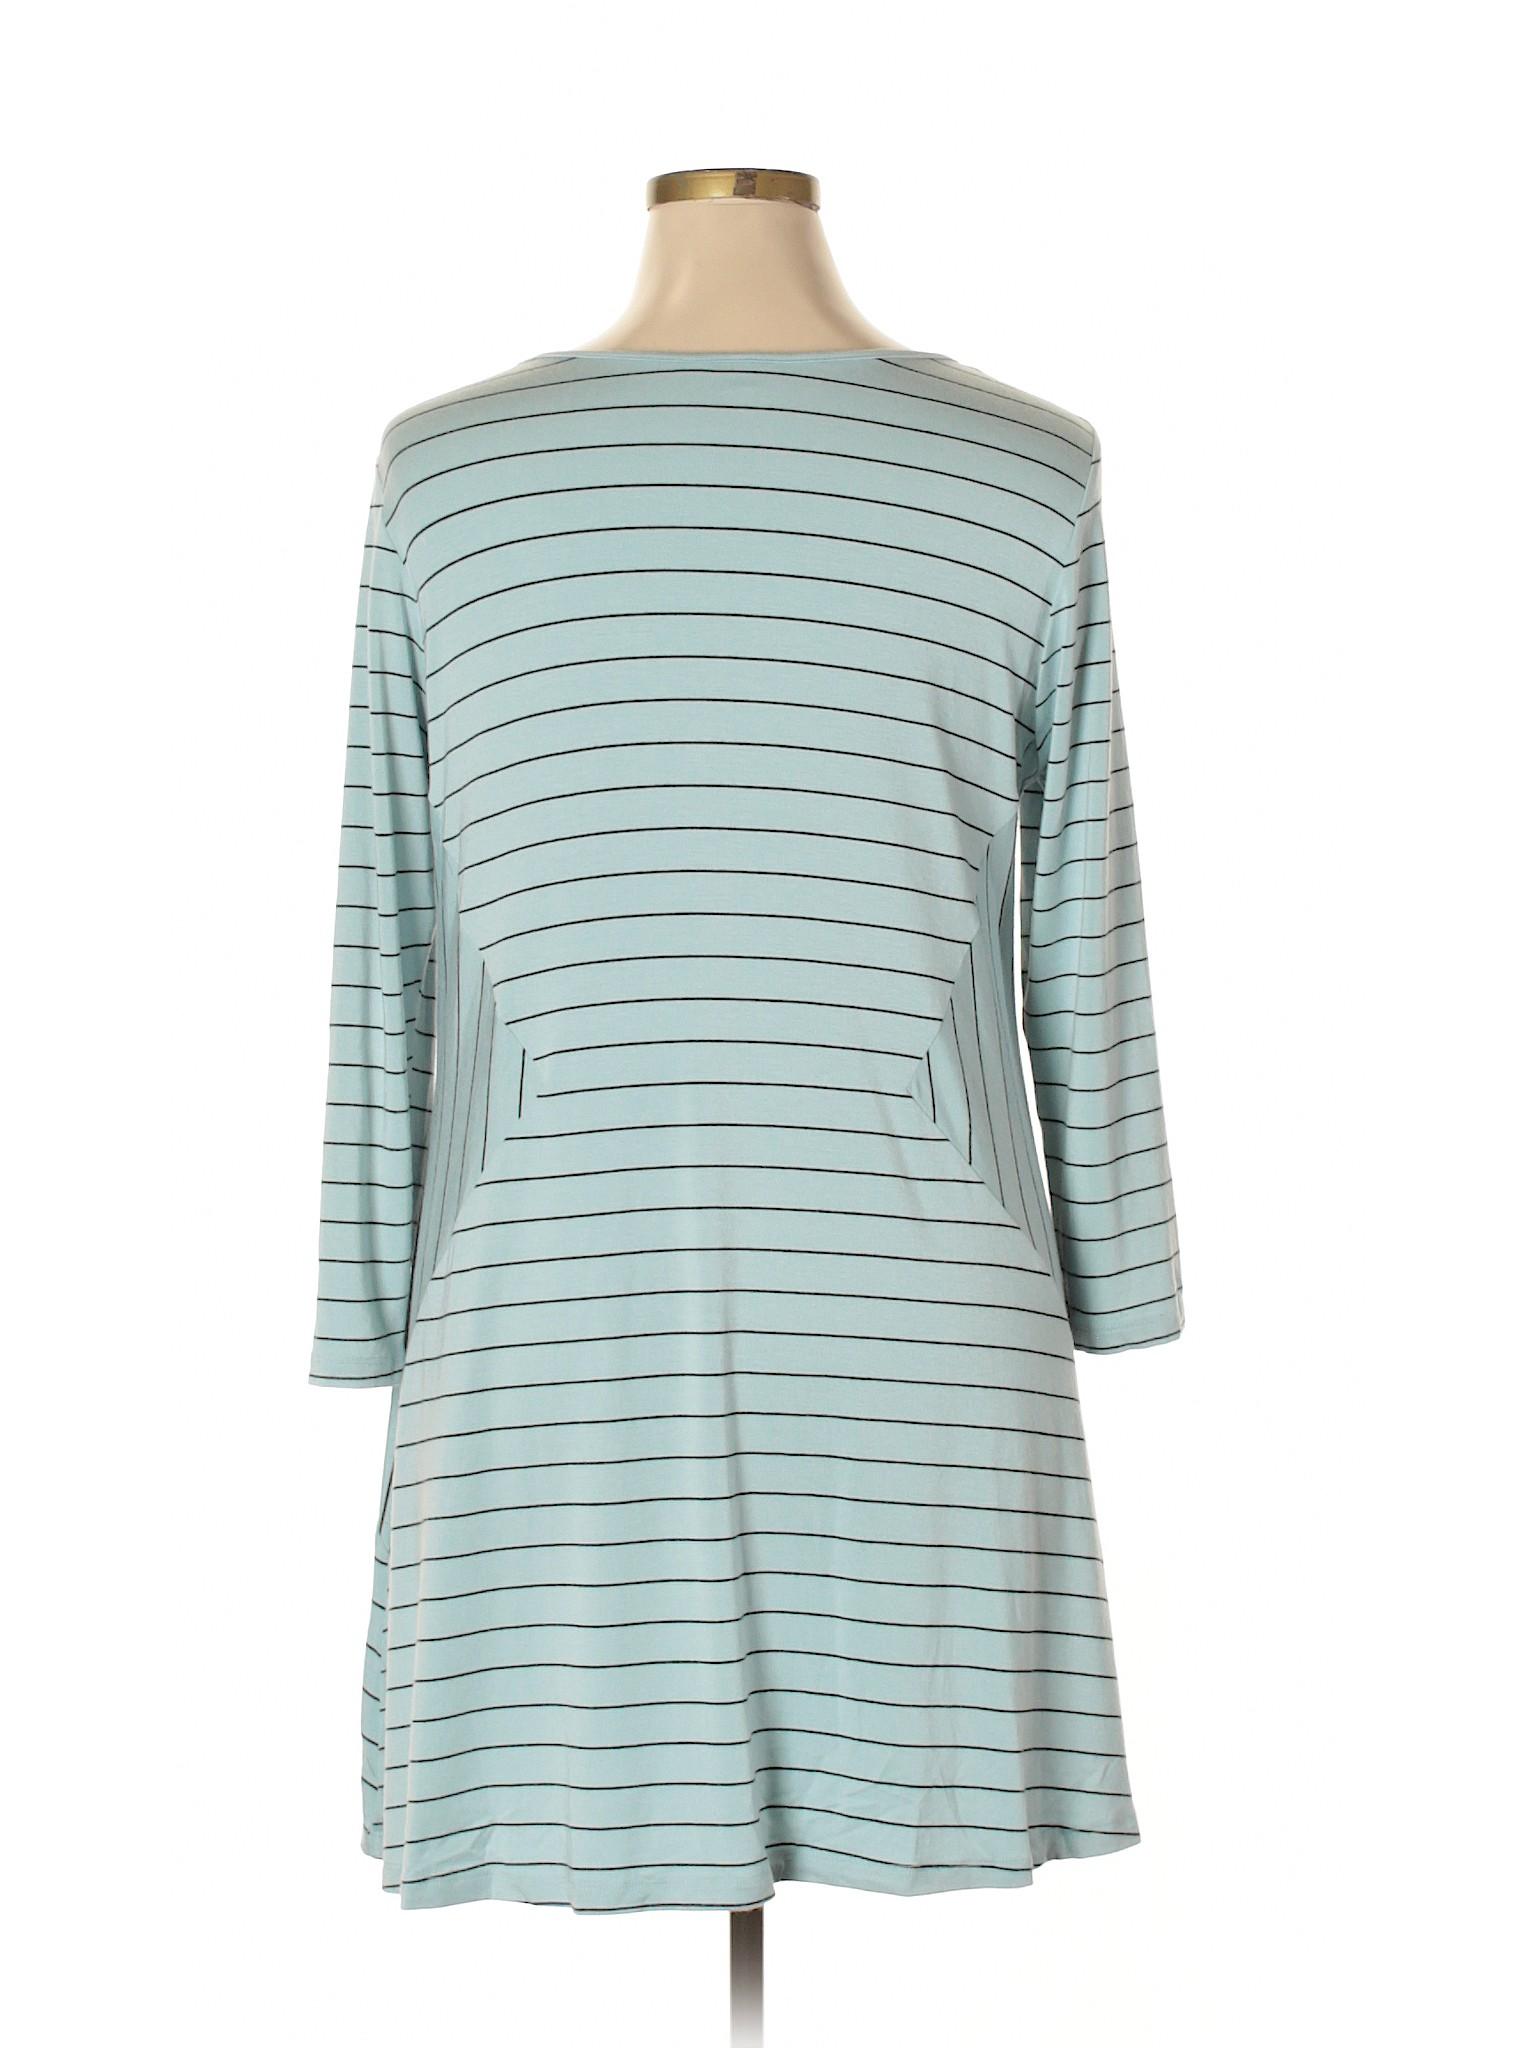 Boutique A U Comfy Casual winter Dress S rwPRTqrMIa